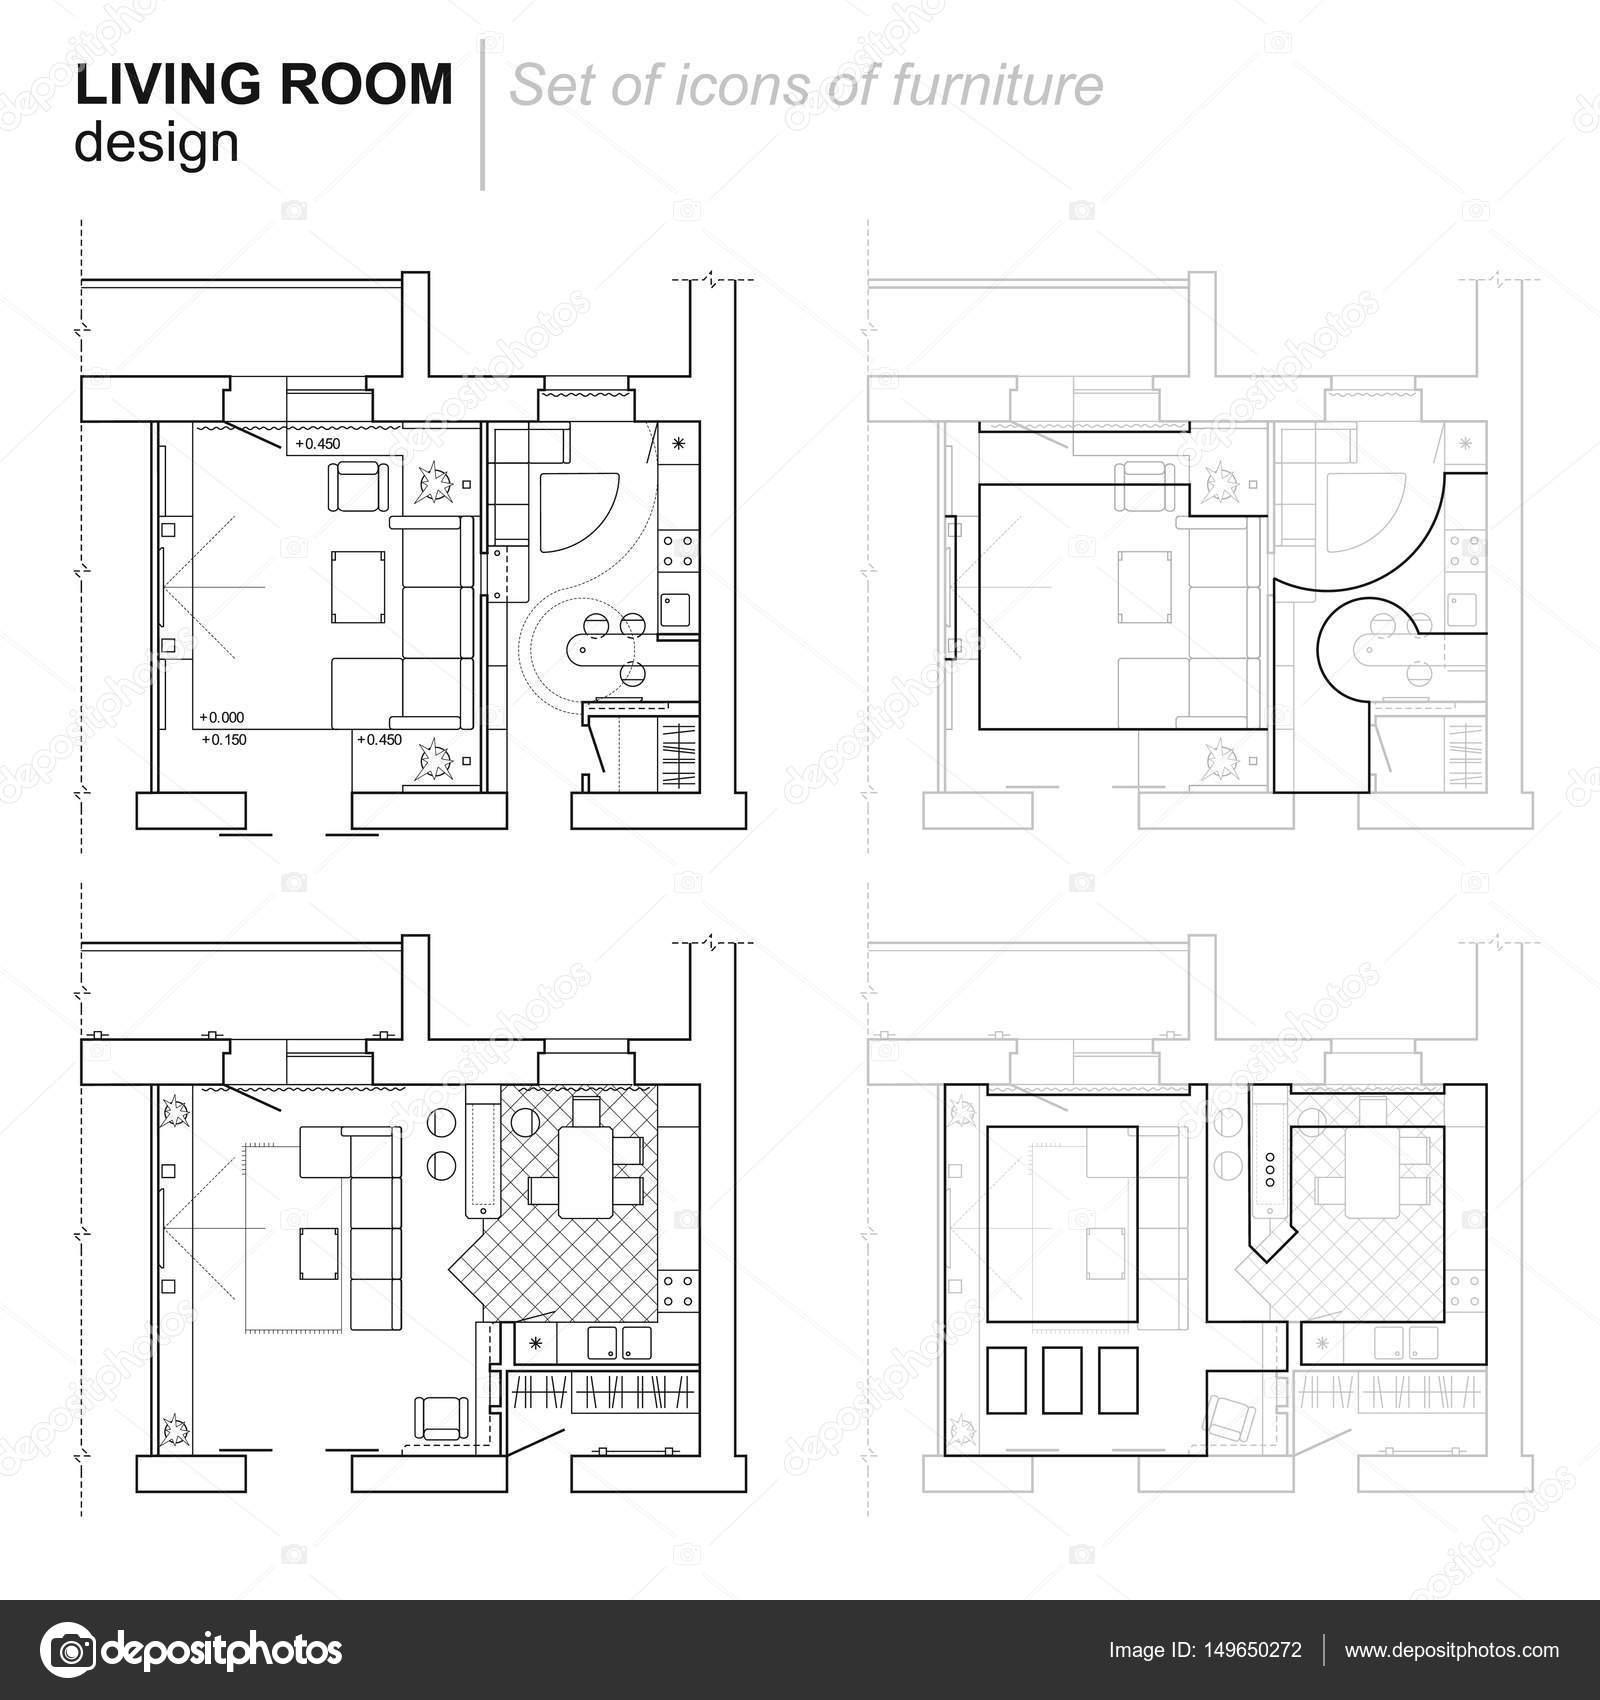 El Plan Arquitect Nico El Dise O Del Apartamento Con Los Muebles  # Muebles Dibujo Arquitectonico